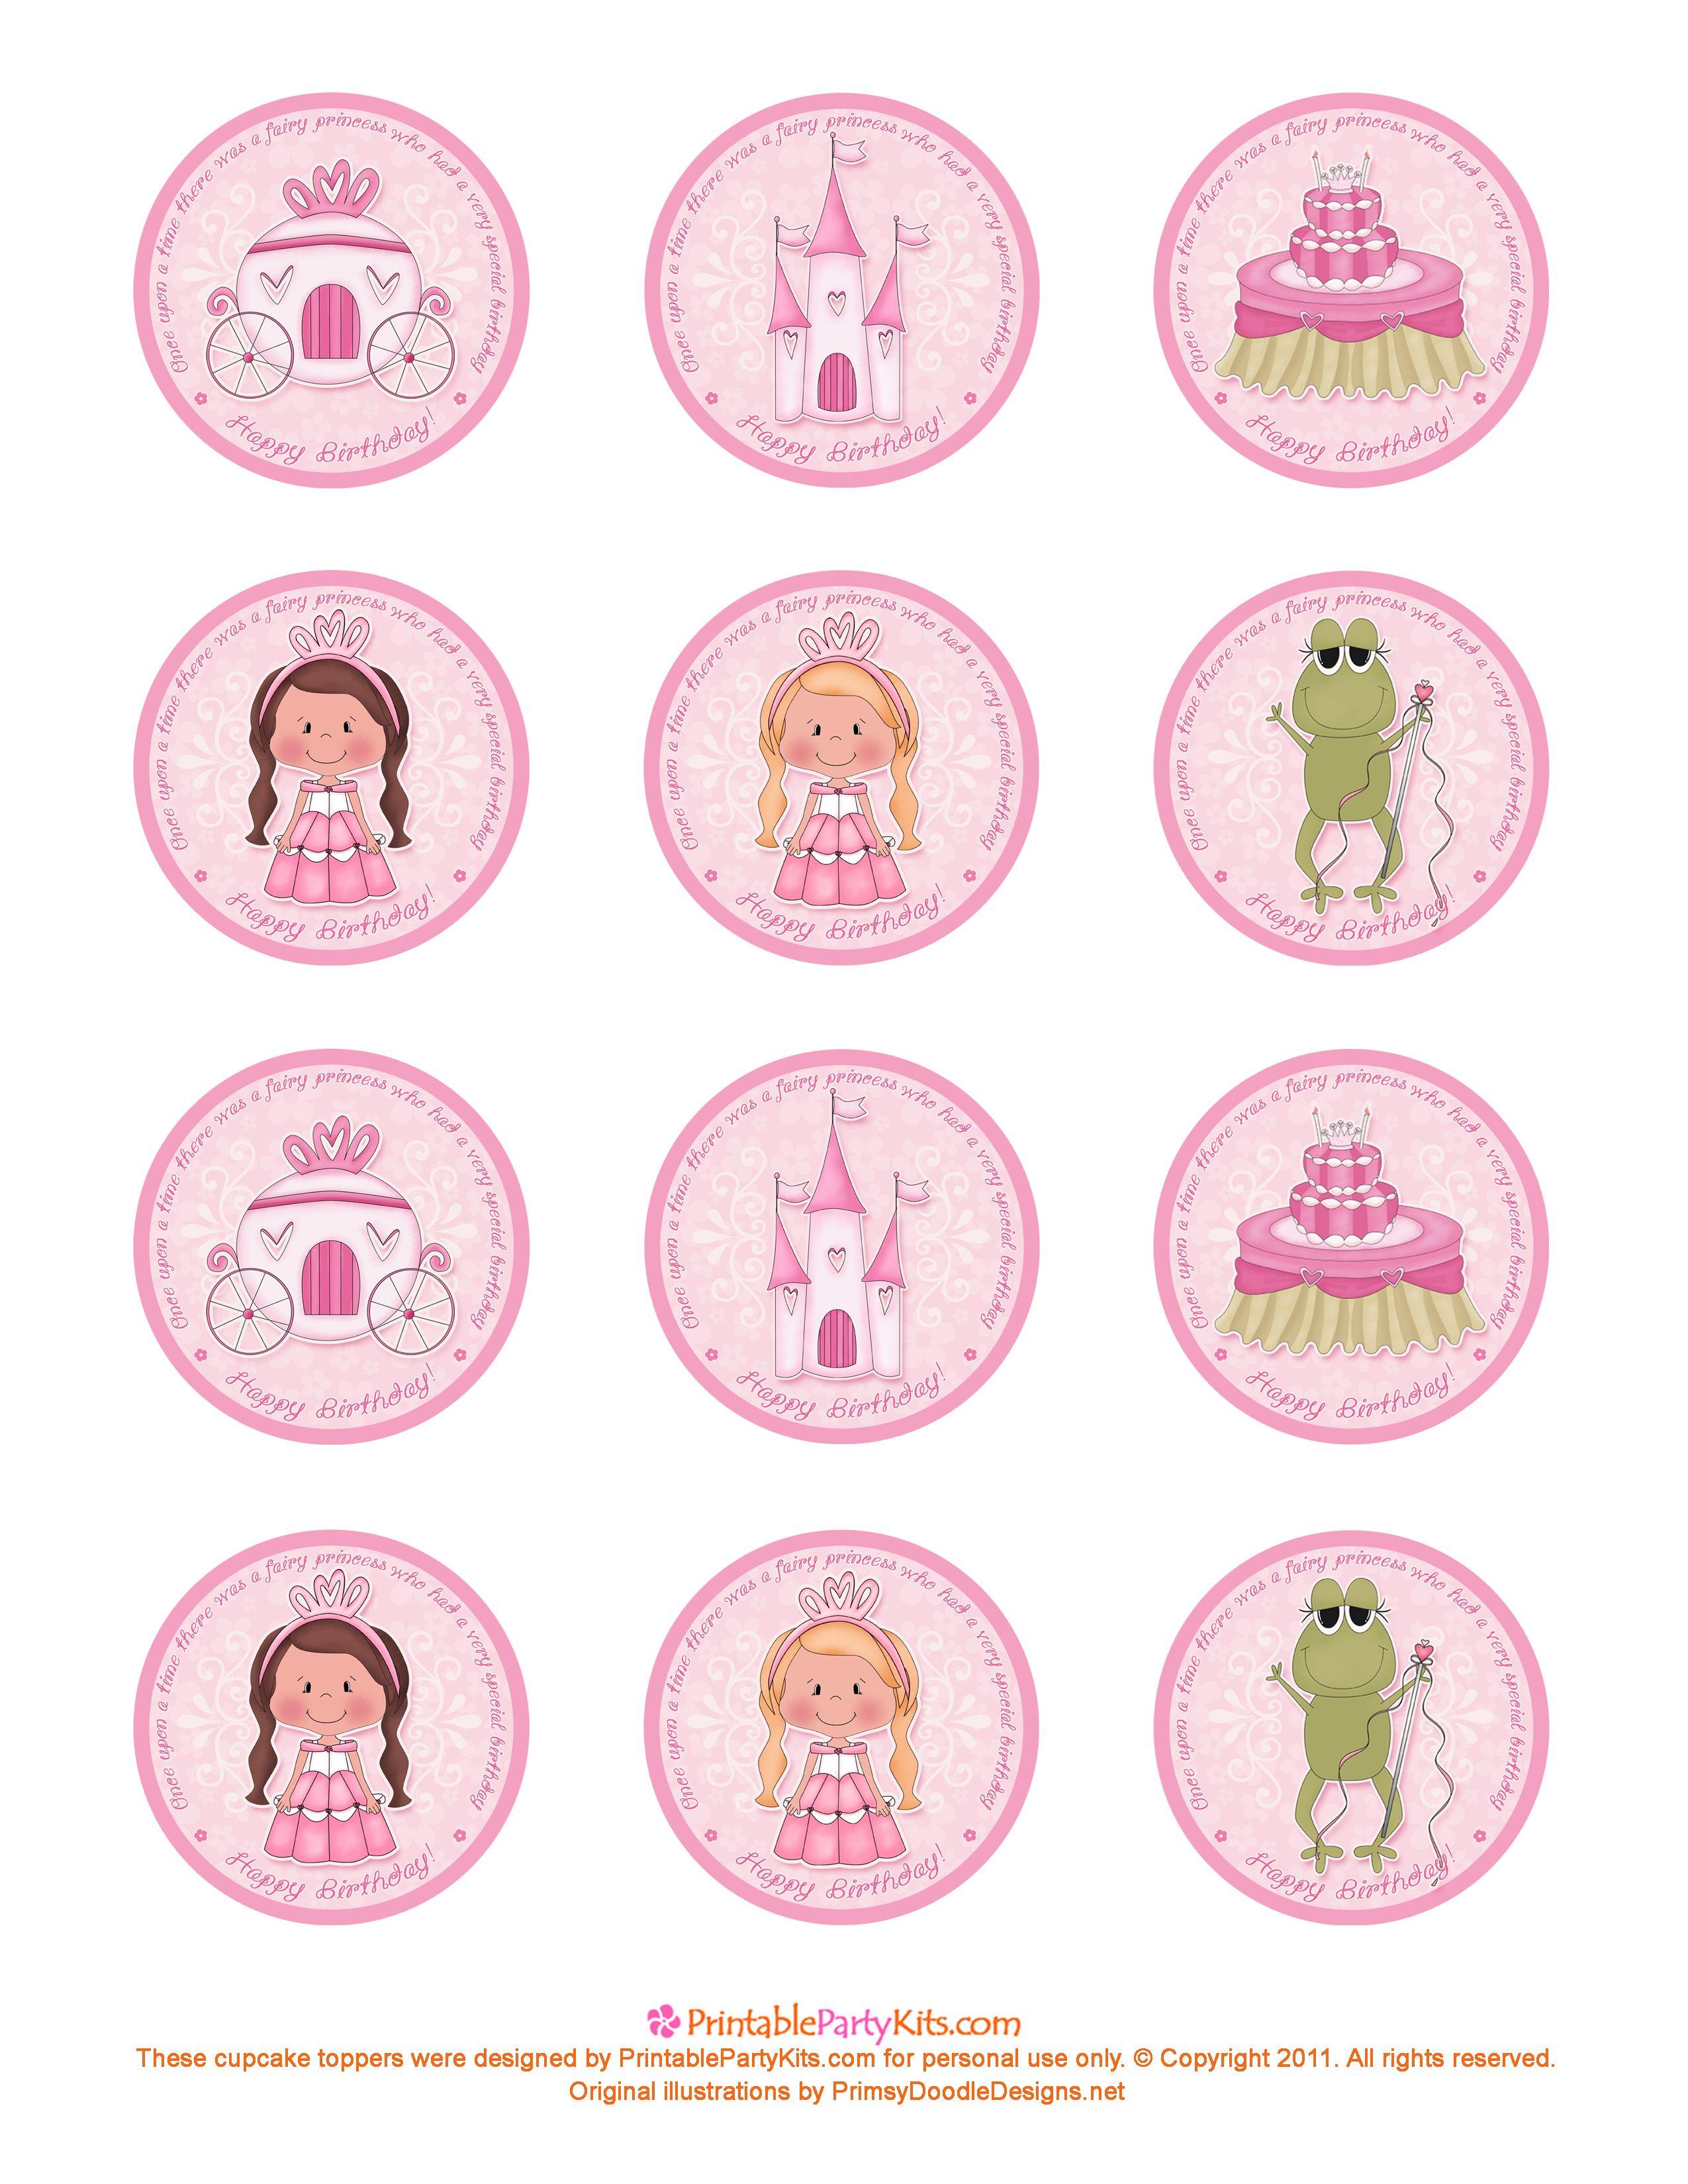 Free Printable Princess Birthday Cupcake Toppers | Printable Party - Free Printable Cupcake Toppers